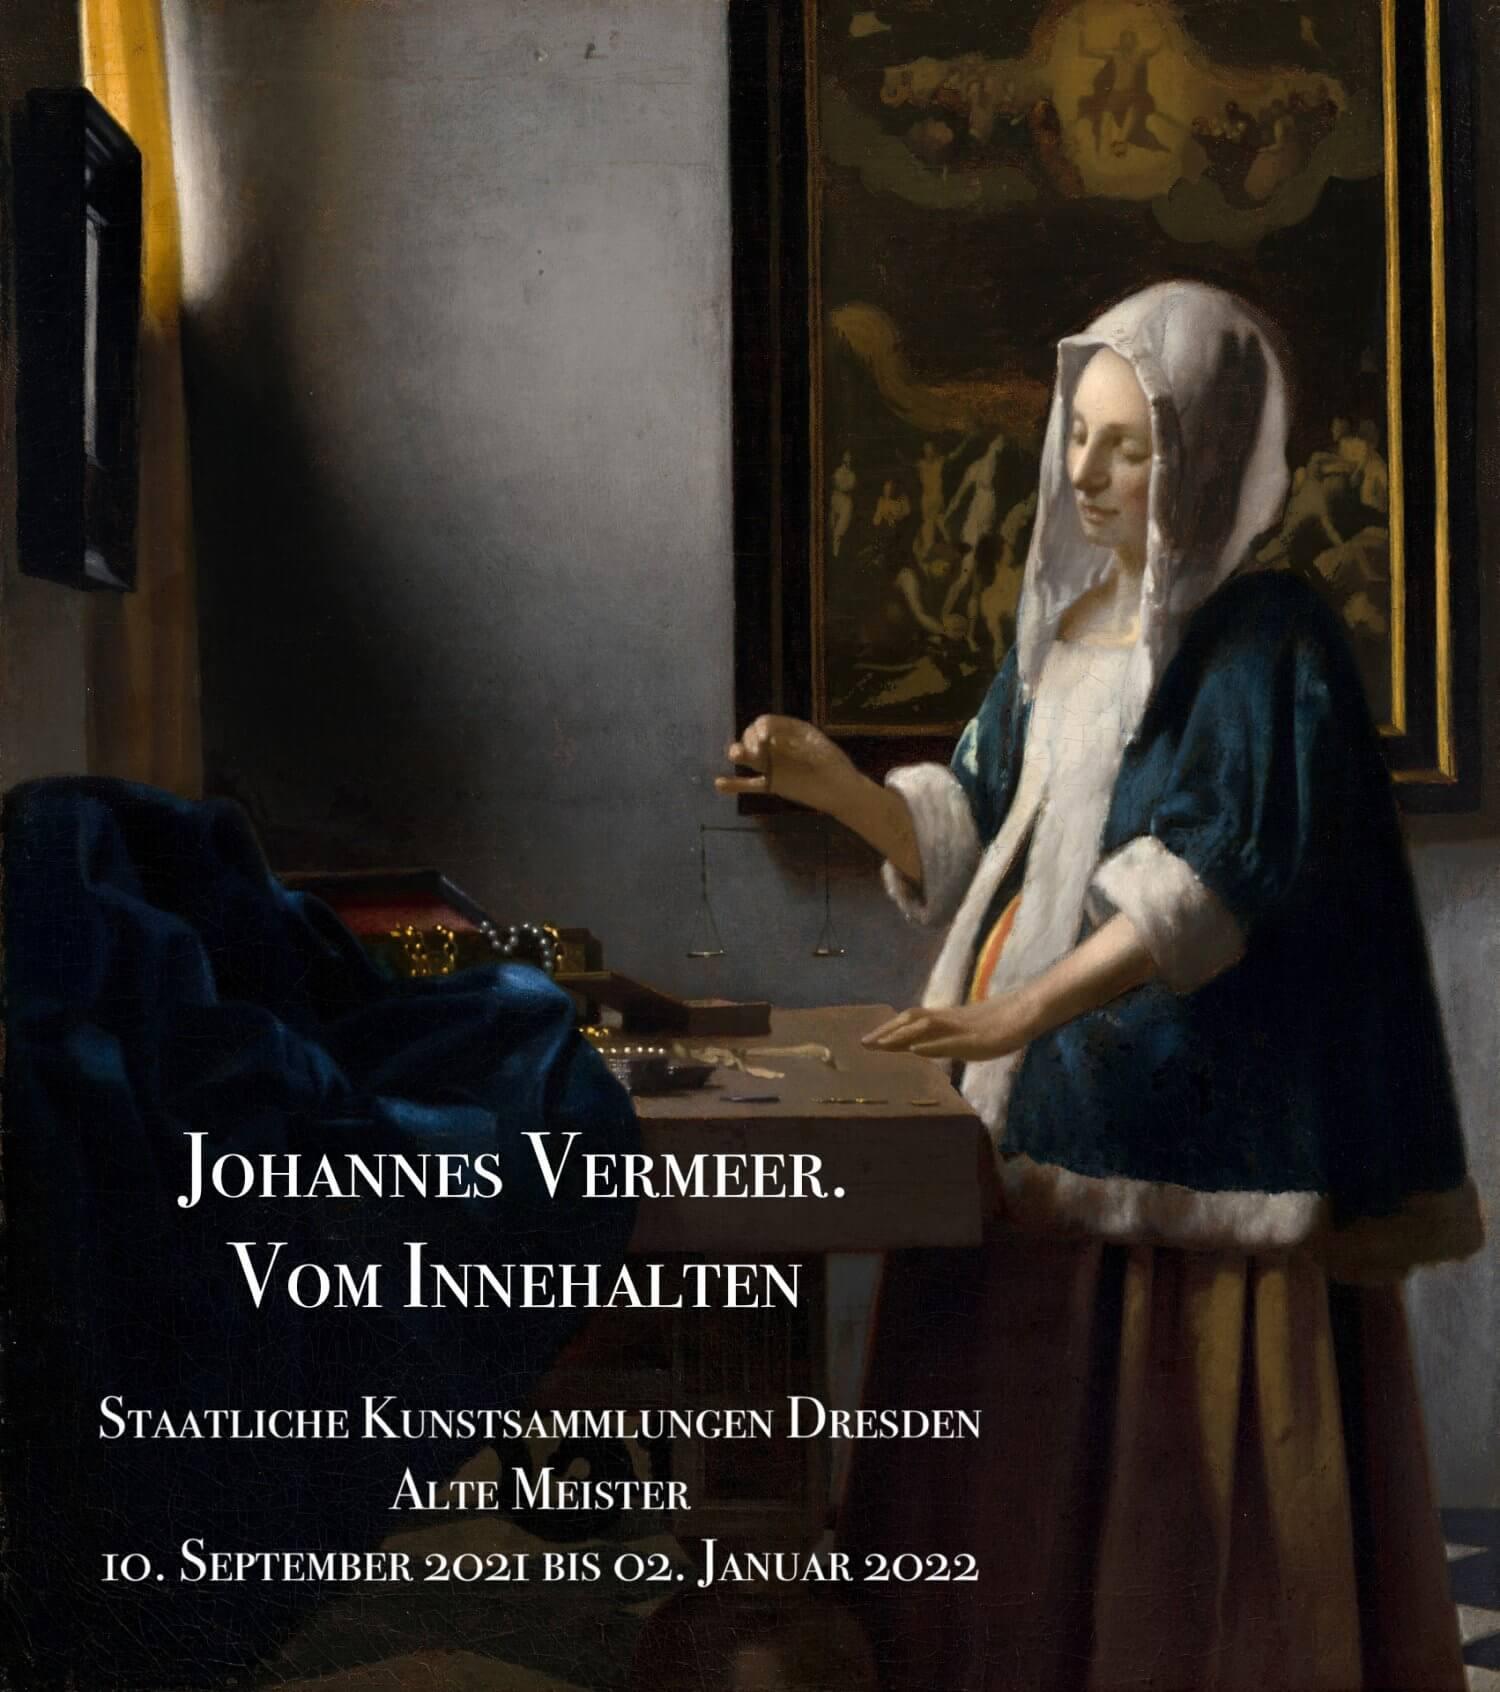 Johannes Vermeer in Dresden! Ein Glanzpunkt in der sächsischen Museumsgeschichte